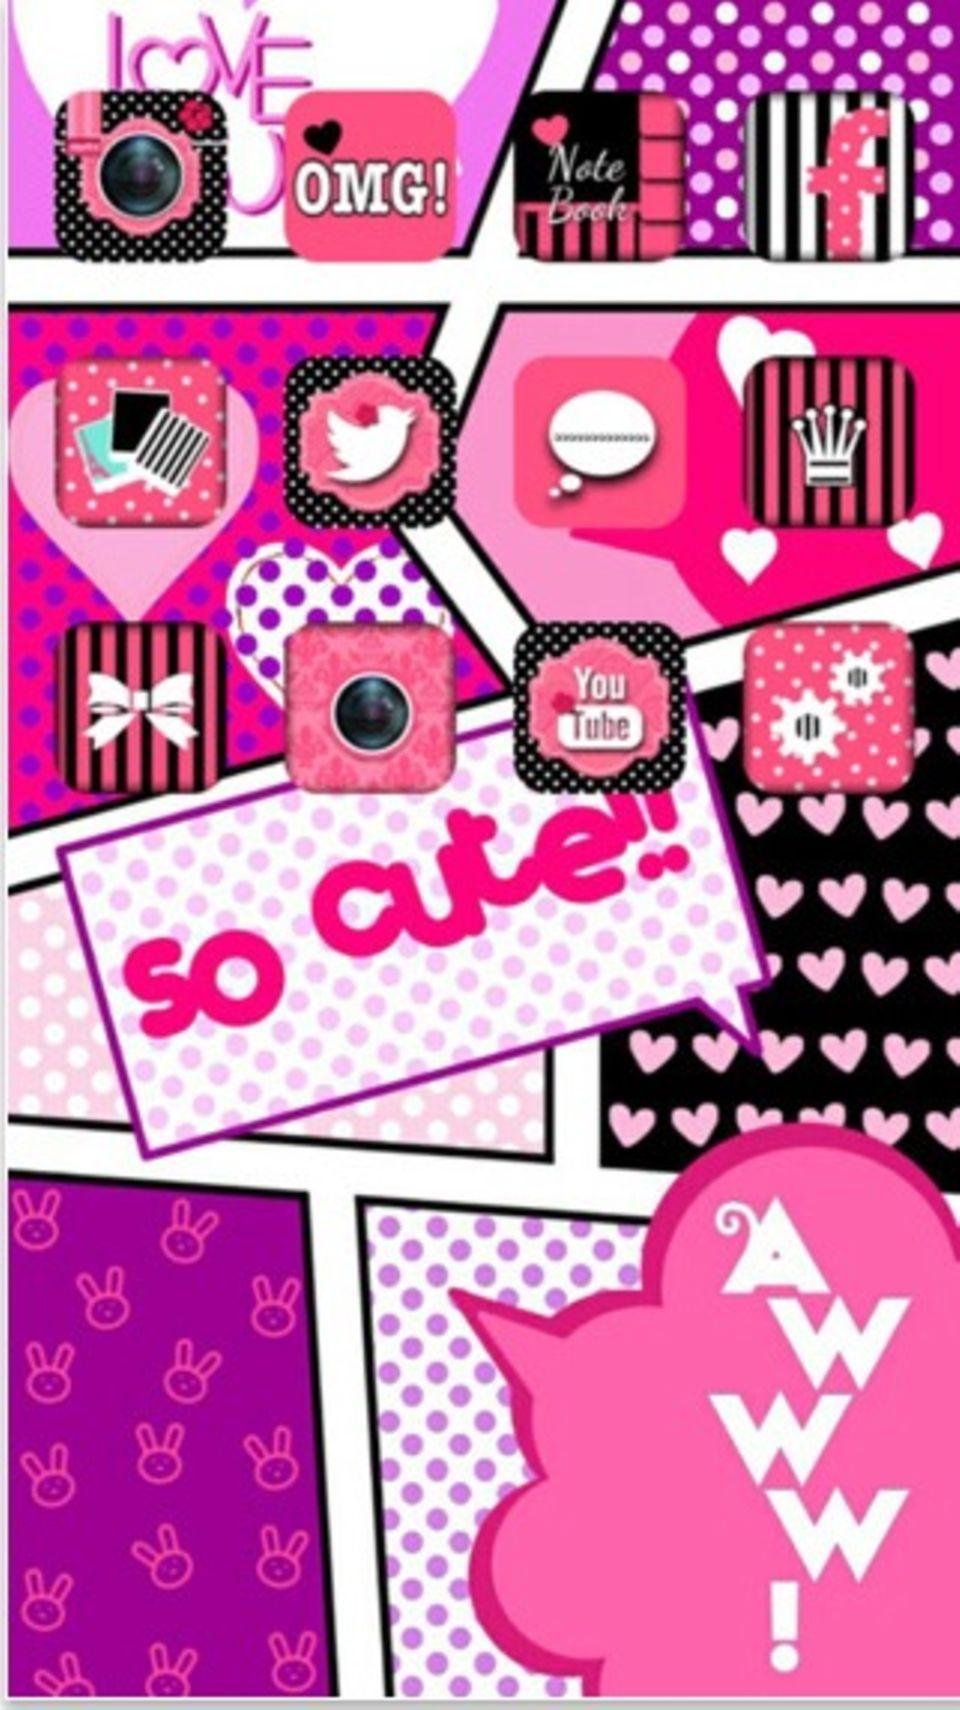 Whatsapp in Pink Mit diesem Trick änderst du die Farbe